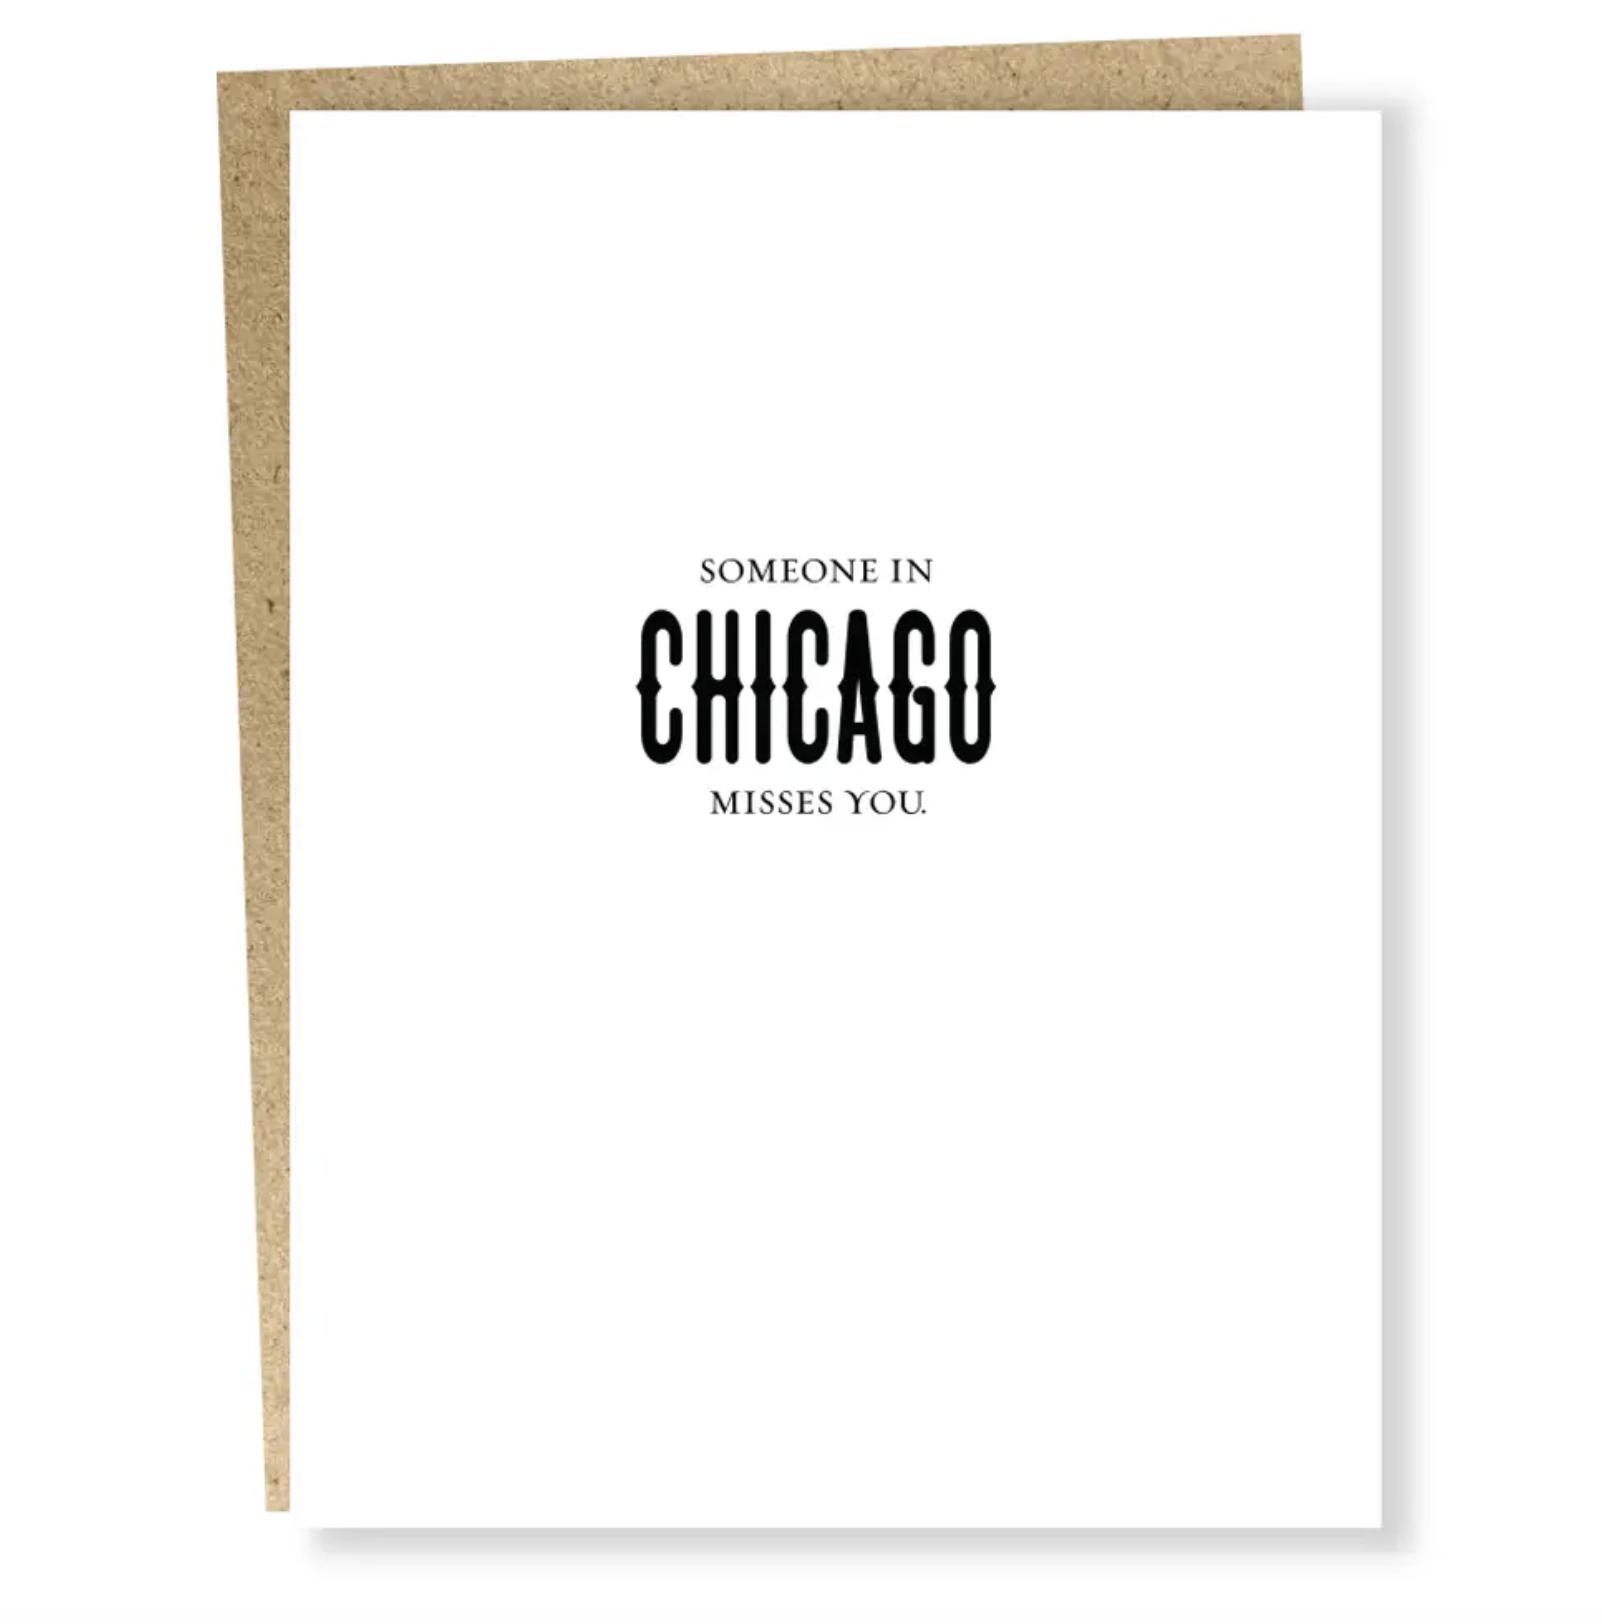 Friendship City limits - misses (CHICAGO)